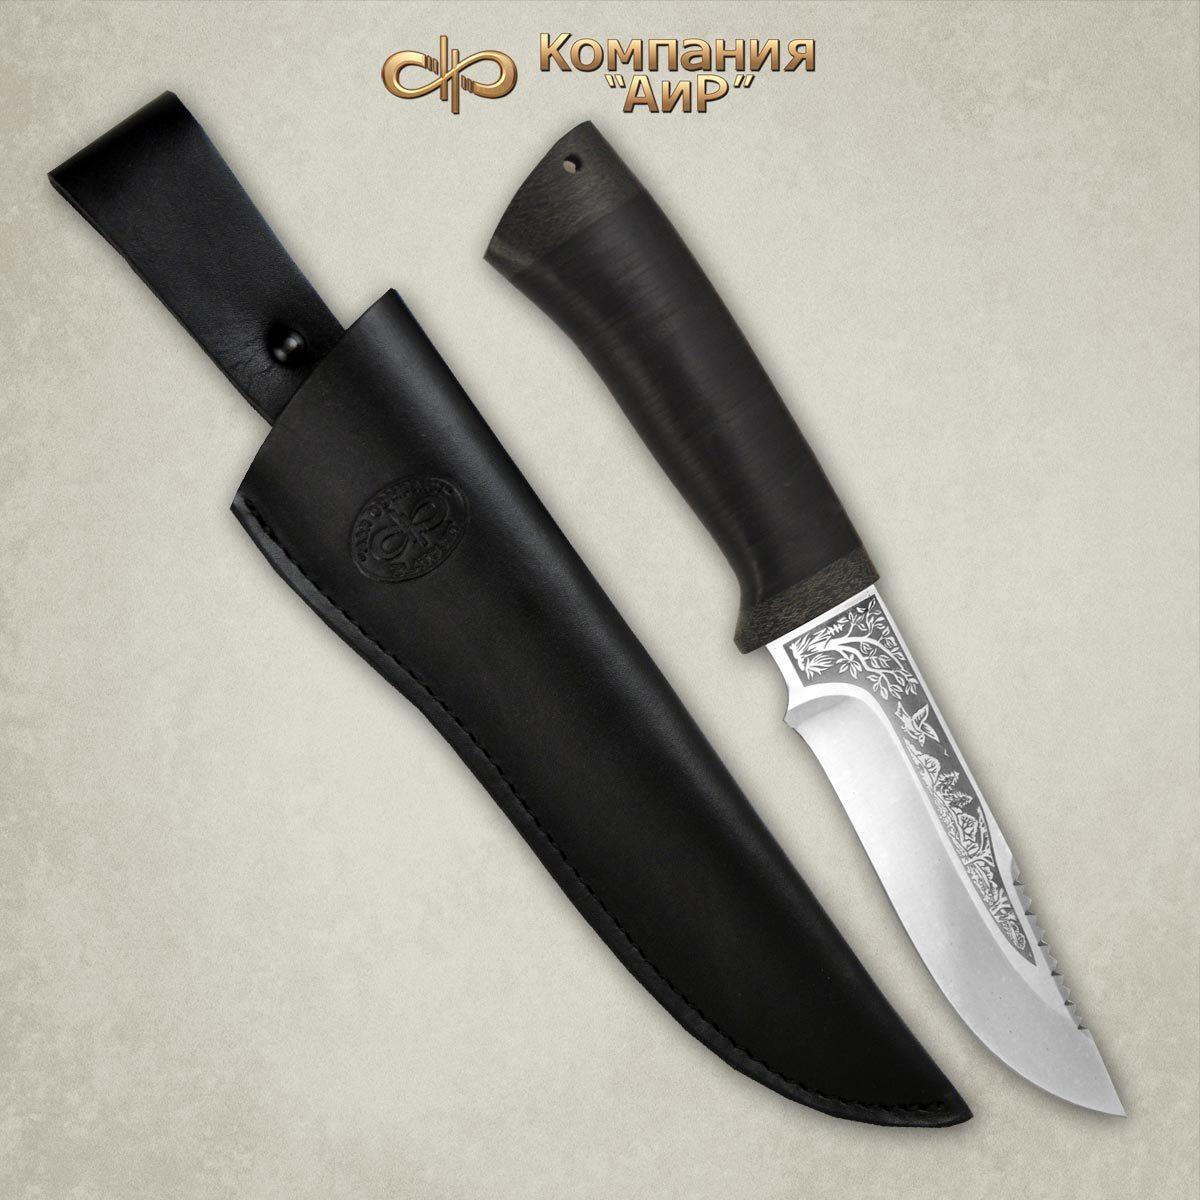 Фото 5 - Нож Стрелец, кожа, 100х13м от АиР